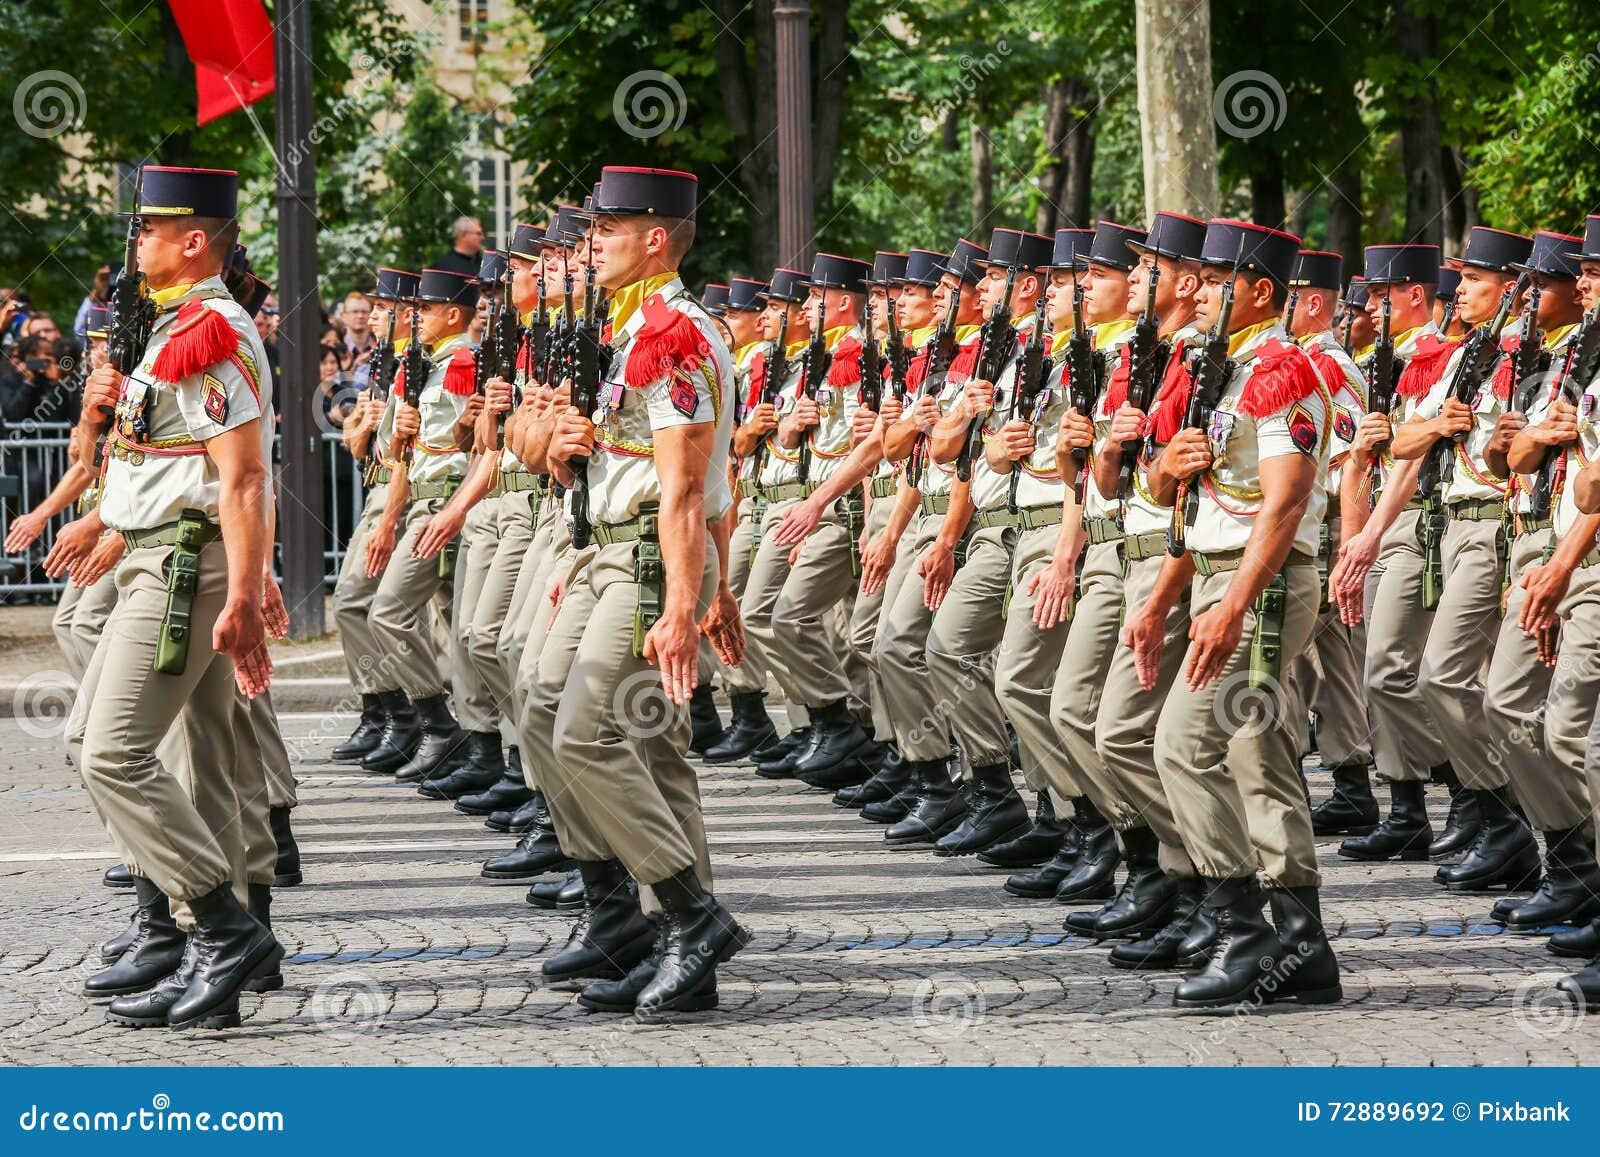 Военный парад национальной жандармерии (дефила) во время церемонии французского национального праздника, Cham